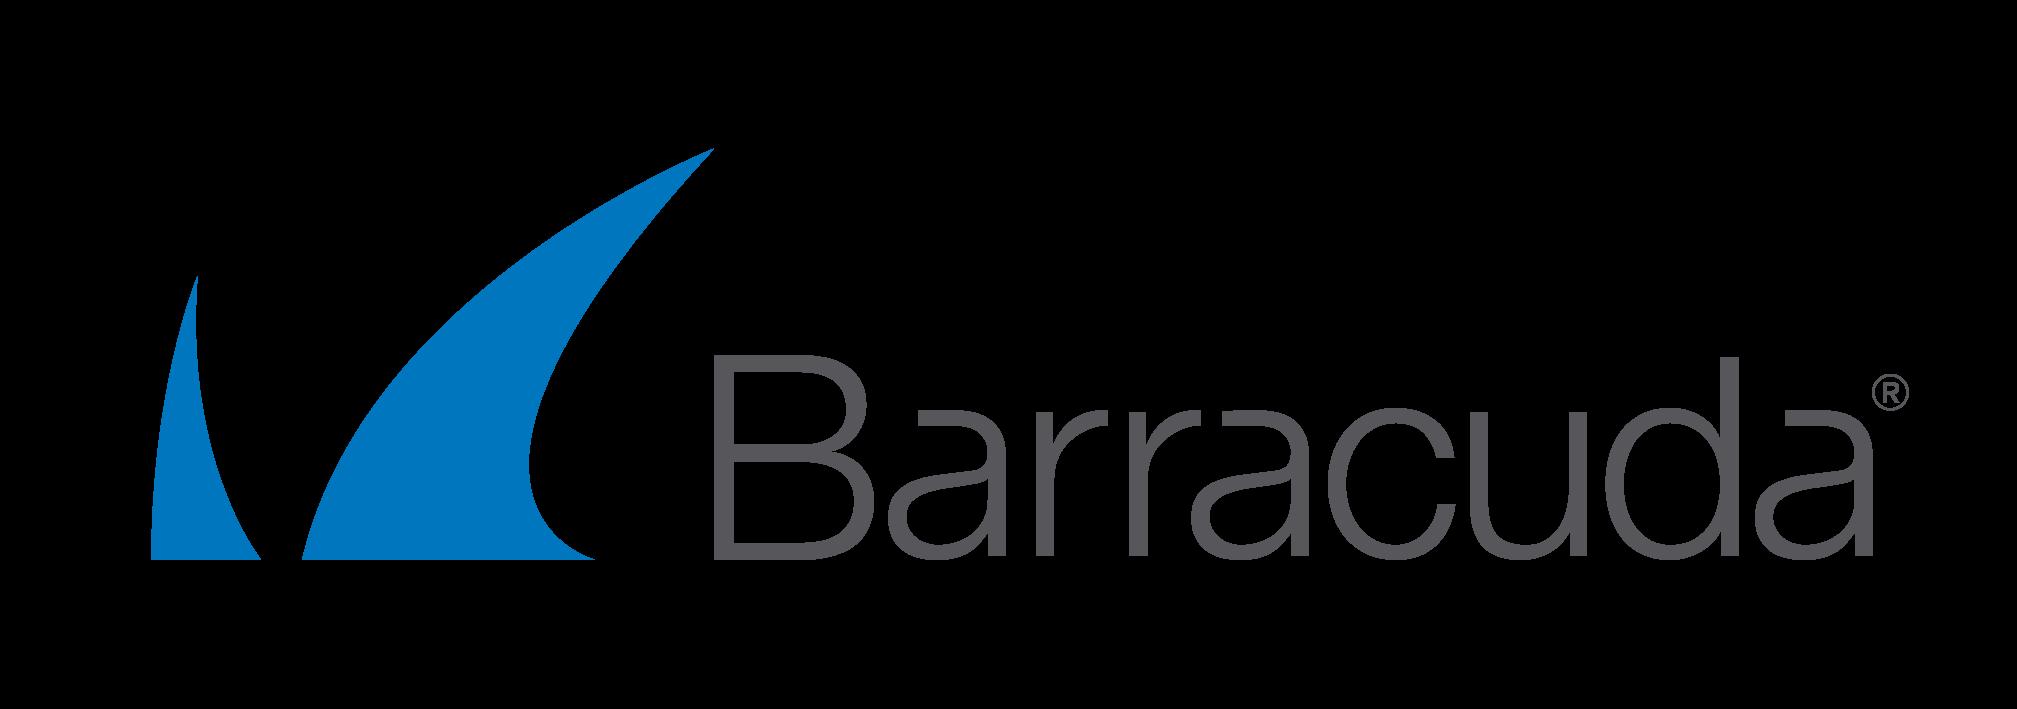 Barracuda CloudGen Firewall F900 submodel CCC